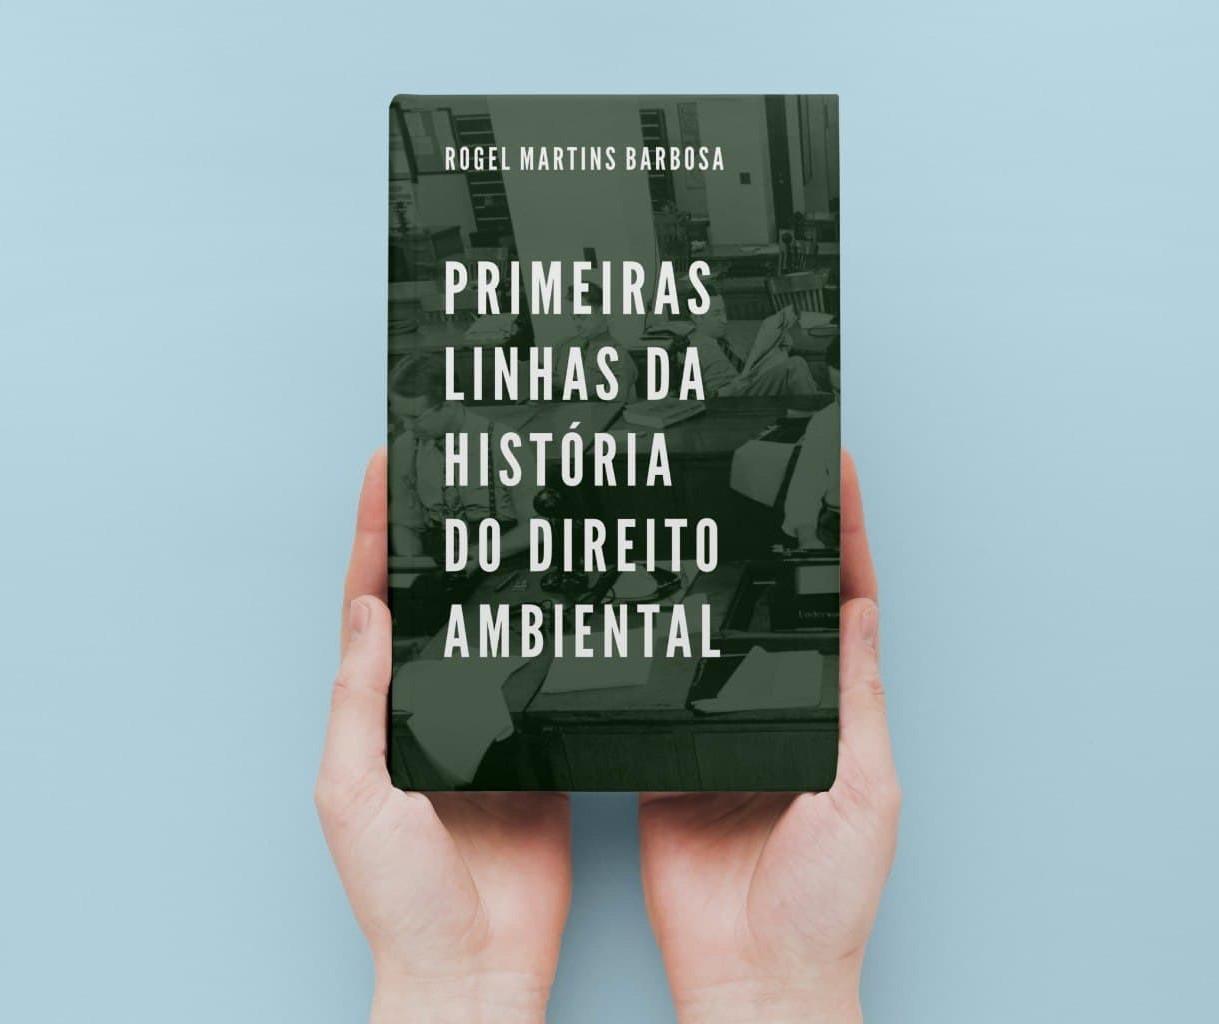 Livro trata sobre a história do Direito Ambiental